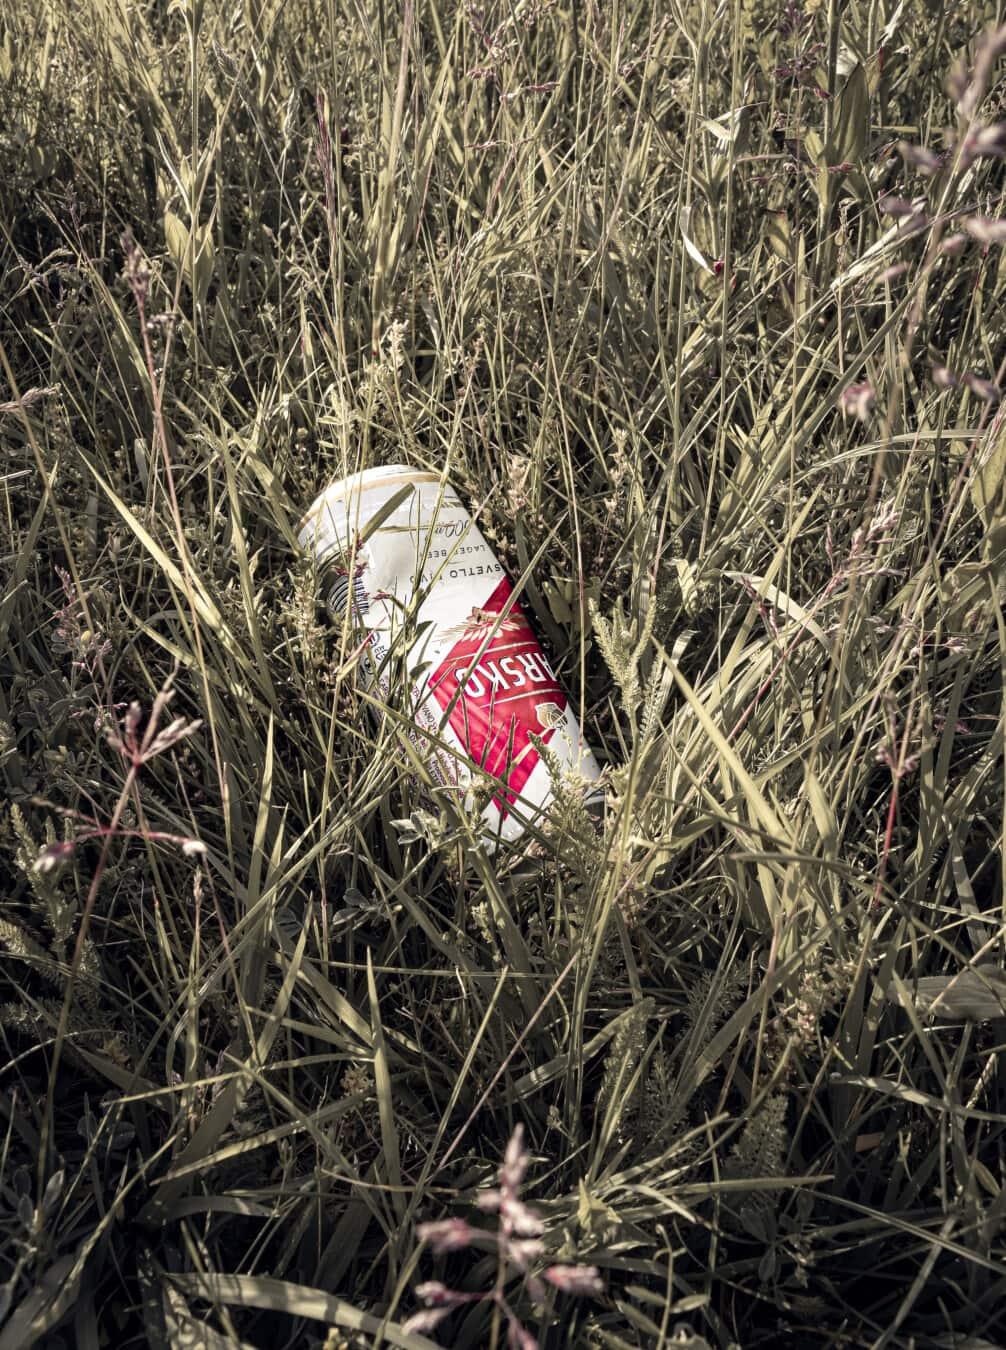 garbage, déchets, vieux, en aluminium, recyclage, herbe, été, à l'extérieur, abandonné, poubelle